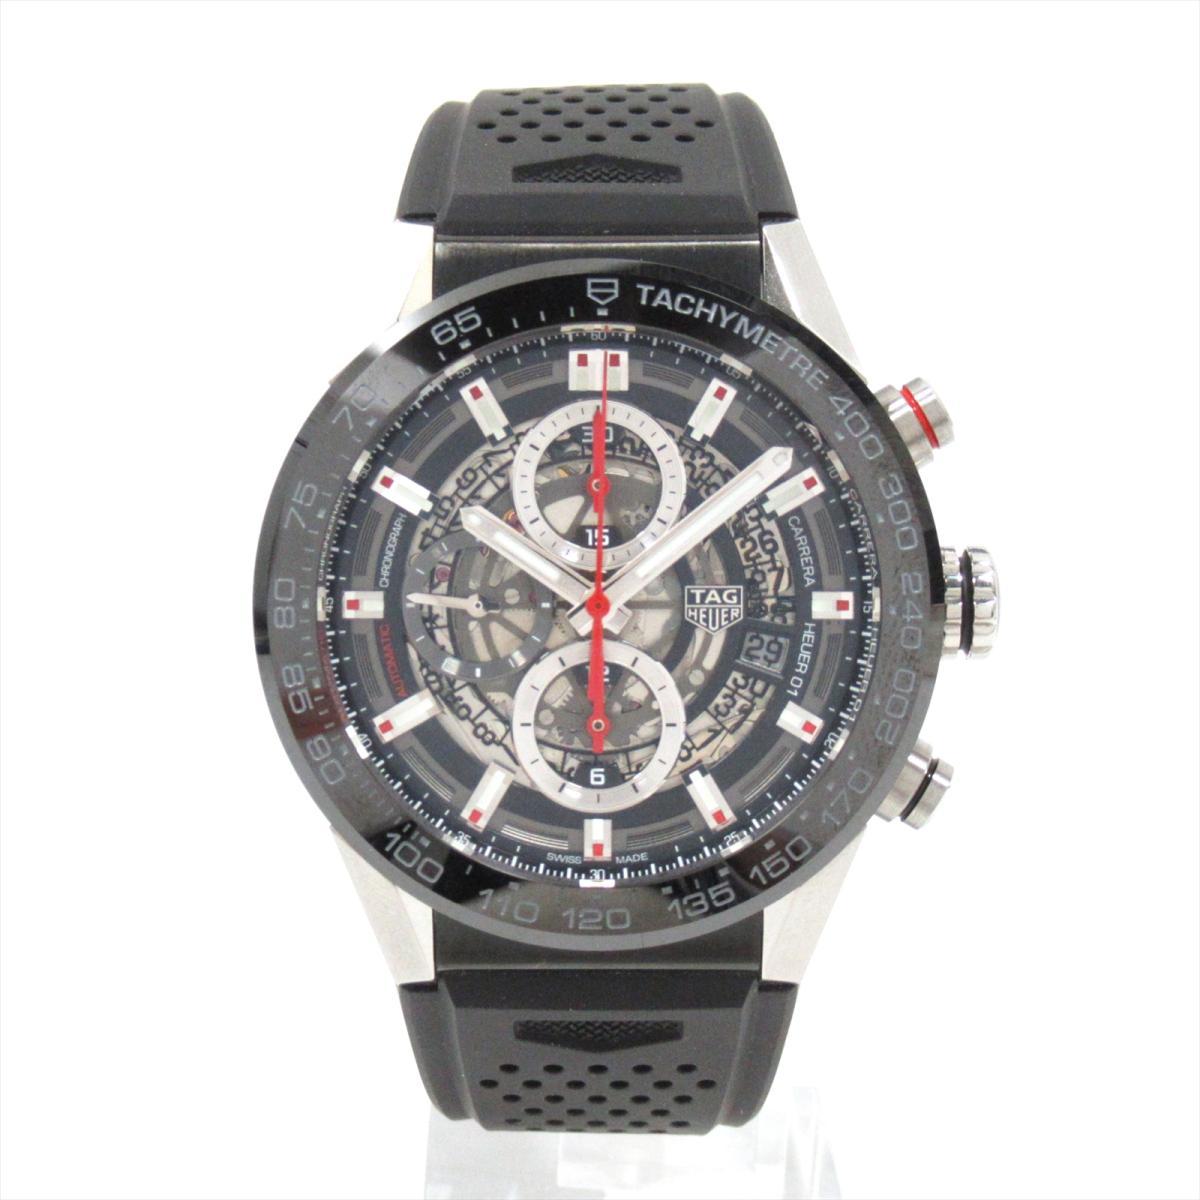 【中古】 タグ・ホイヤー カレラ キャリバー01 腕時計 ウォッチ メンズ ステンレススチール (SS)ラバーベルト (CAR201V) | TAG HEUER BRANDOFF ブランドオフ ブランド ブランド時計 ブランド腕時計 時計